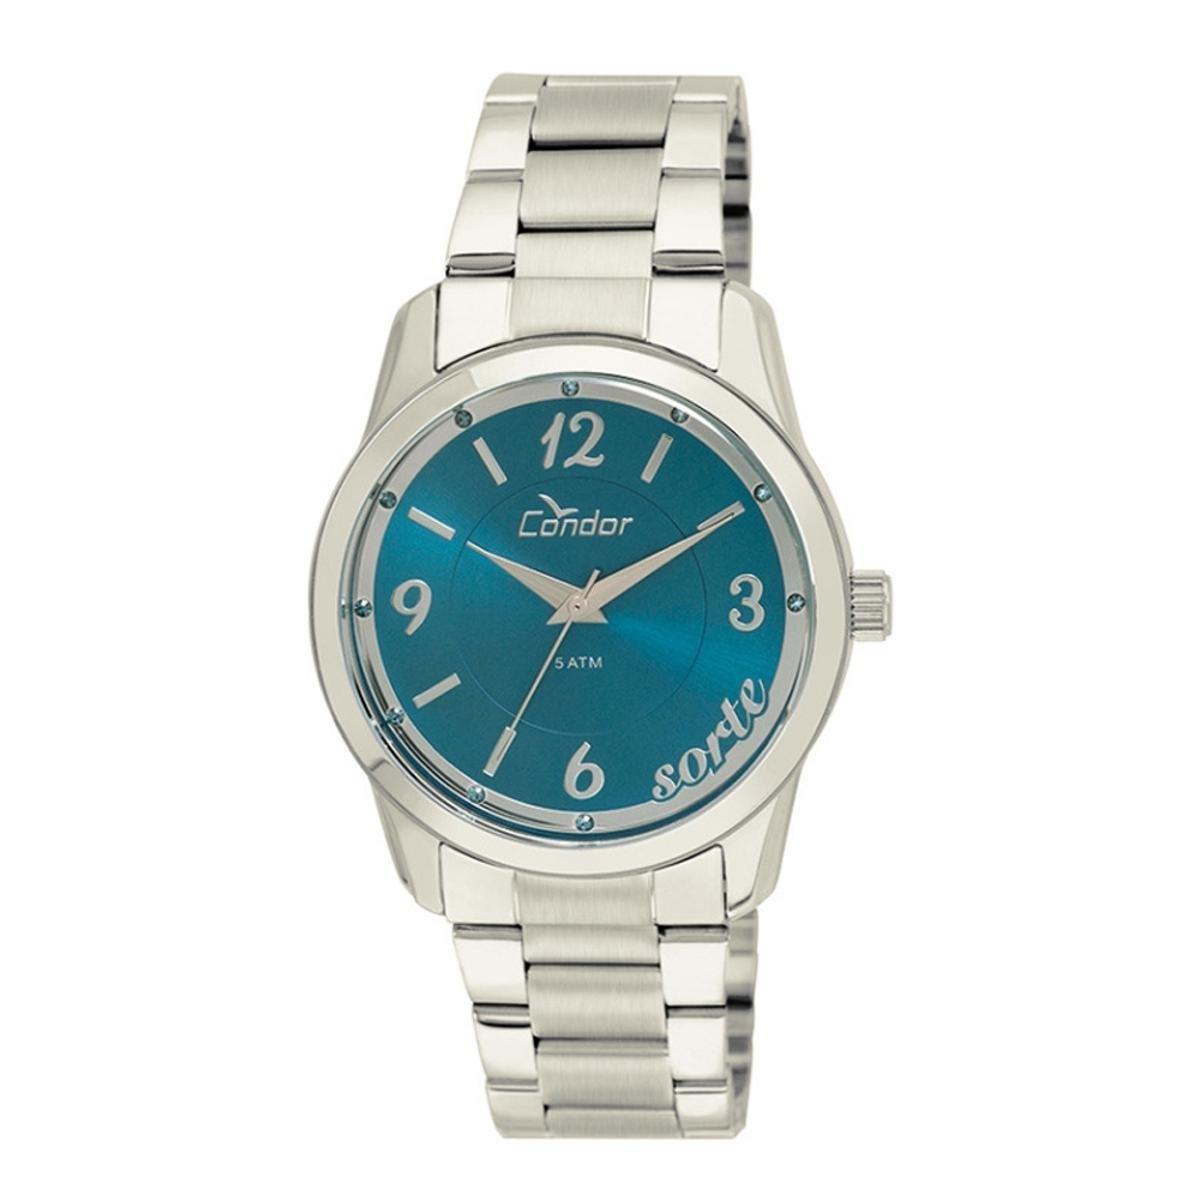 2ee79fb793a Relógio Feminino Condor Analógico Co2035kuq 3A Azu - Prata - Compre ...